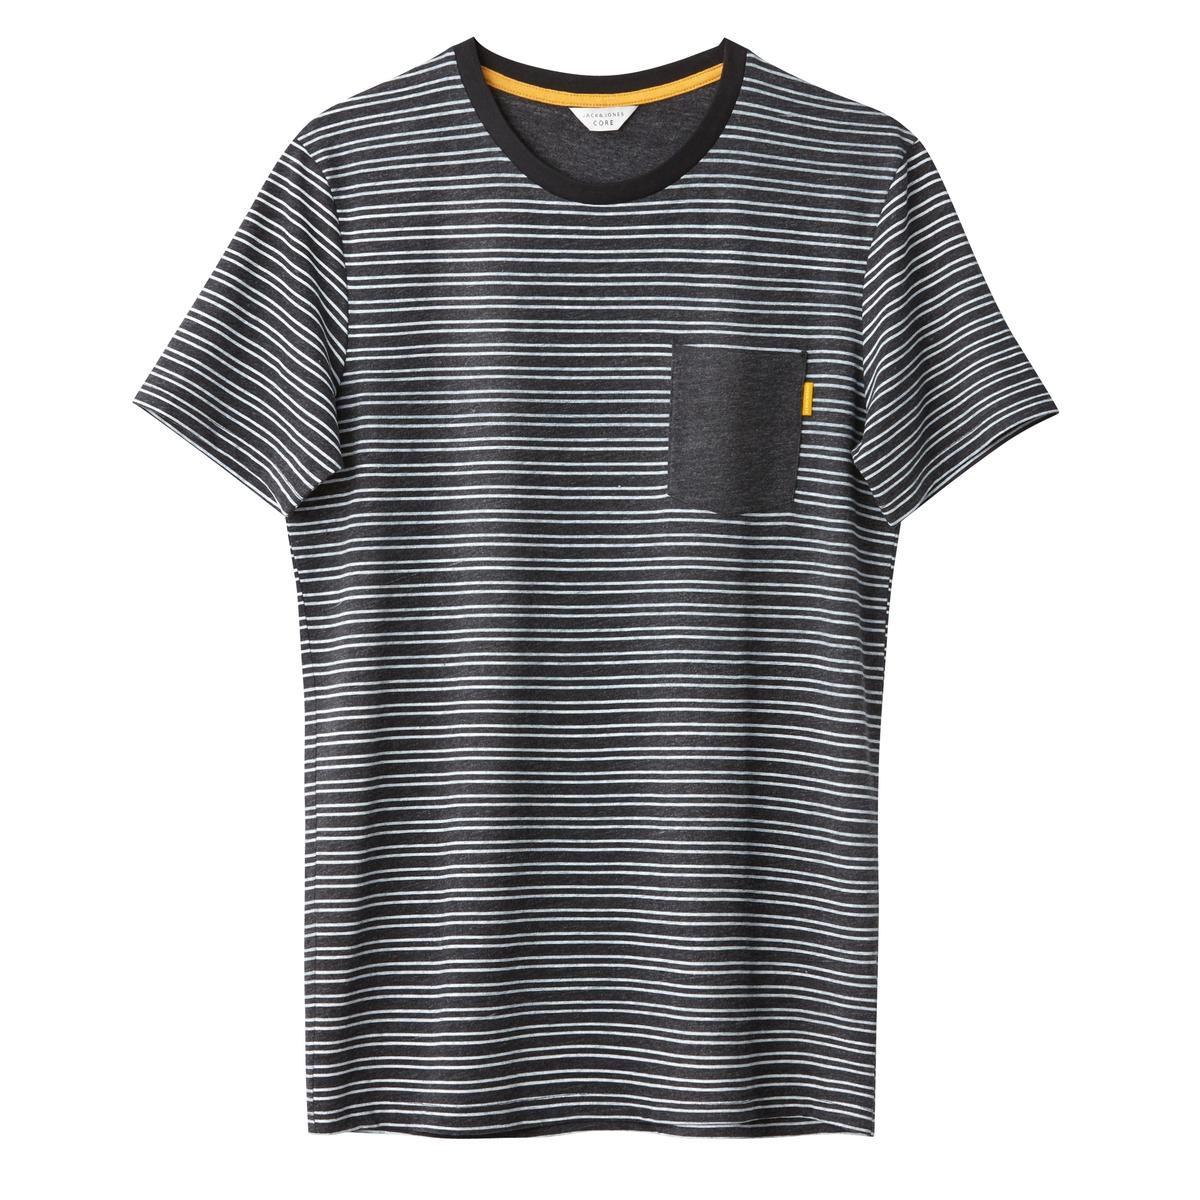 Футболка с круглым вырезом и короткими рукавами футболка в полоску с круглым вырезом